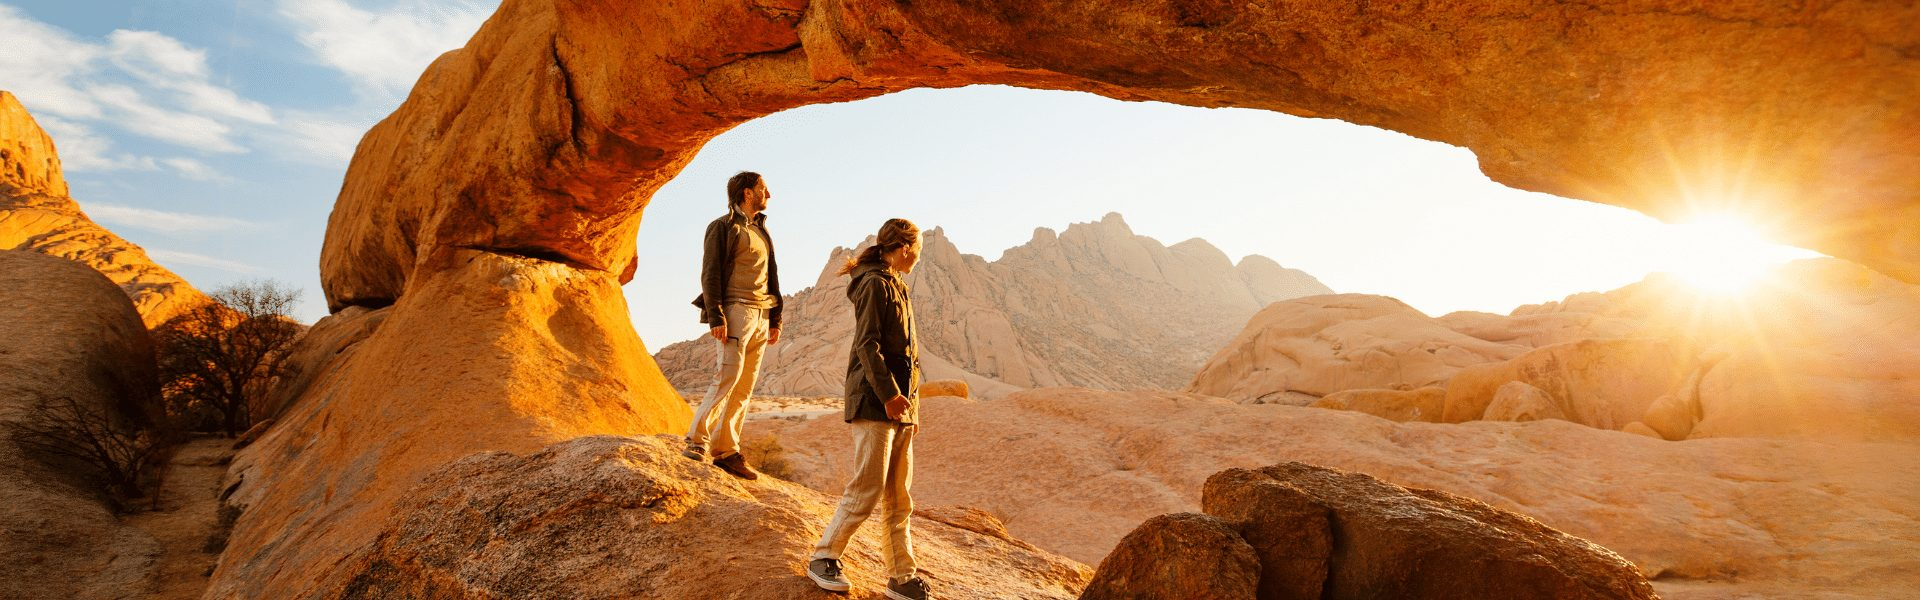 Reisendes Pärchen wandert durch Felslandschaft in Namibia